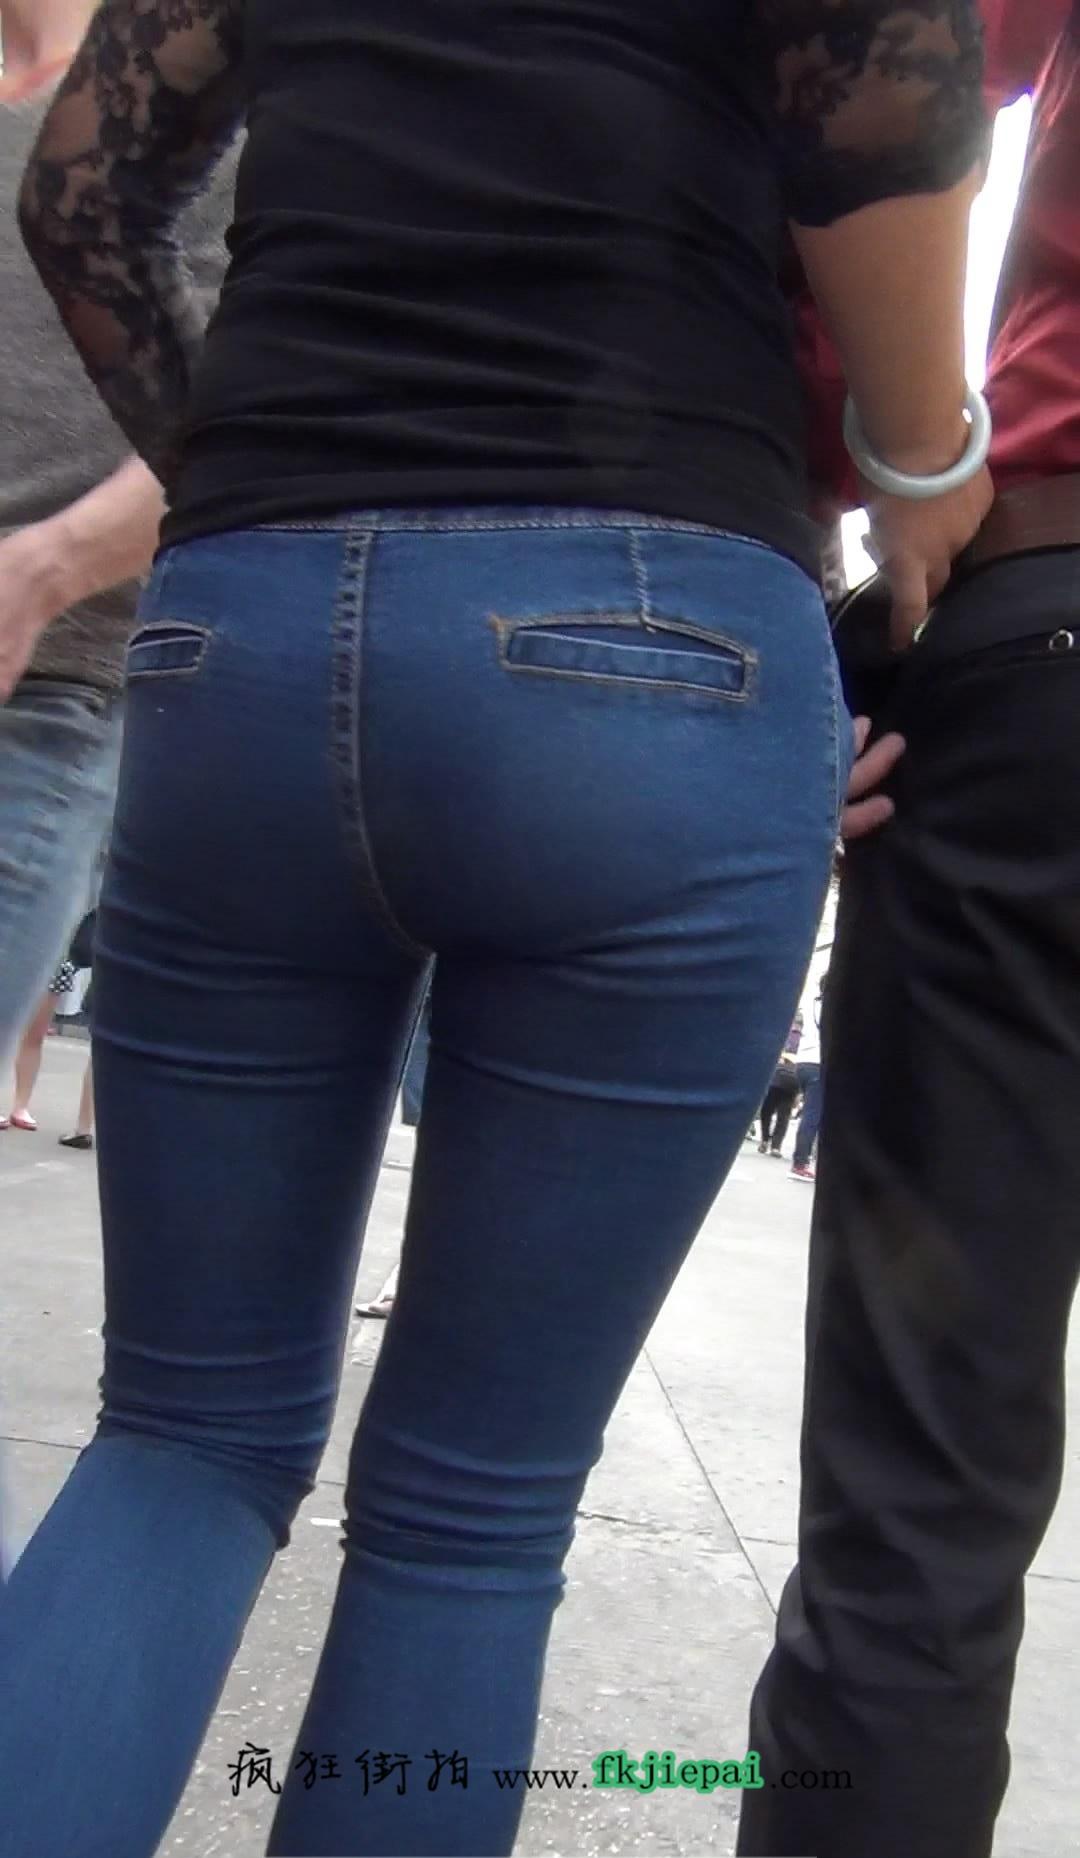 [牛仔裤] 大PP包臀紧牛仔少妇一枚